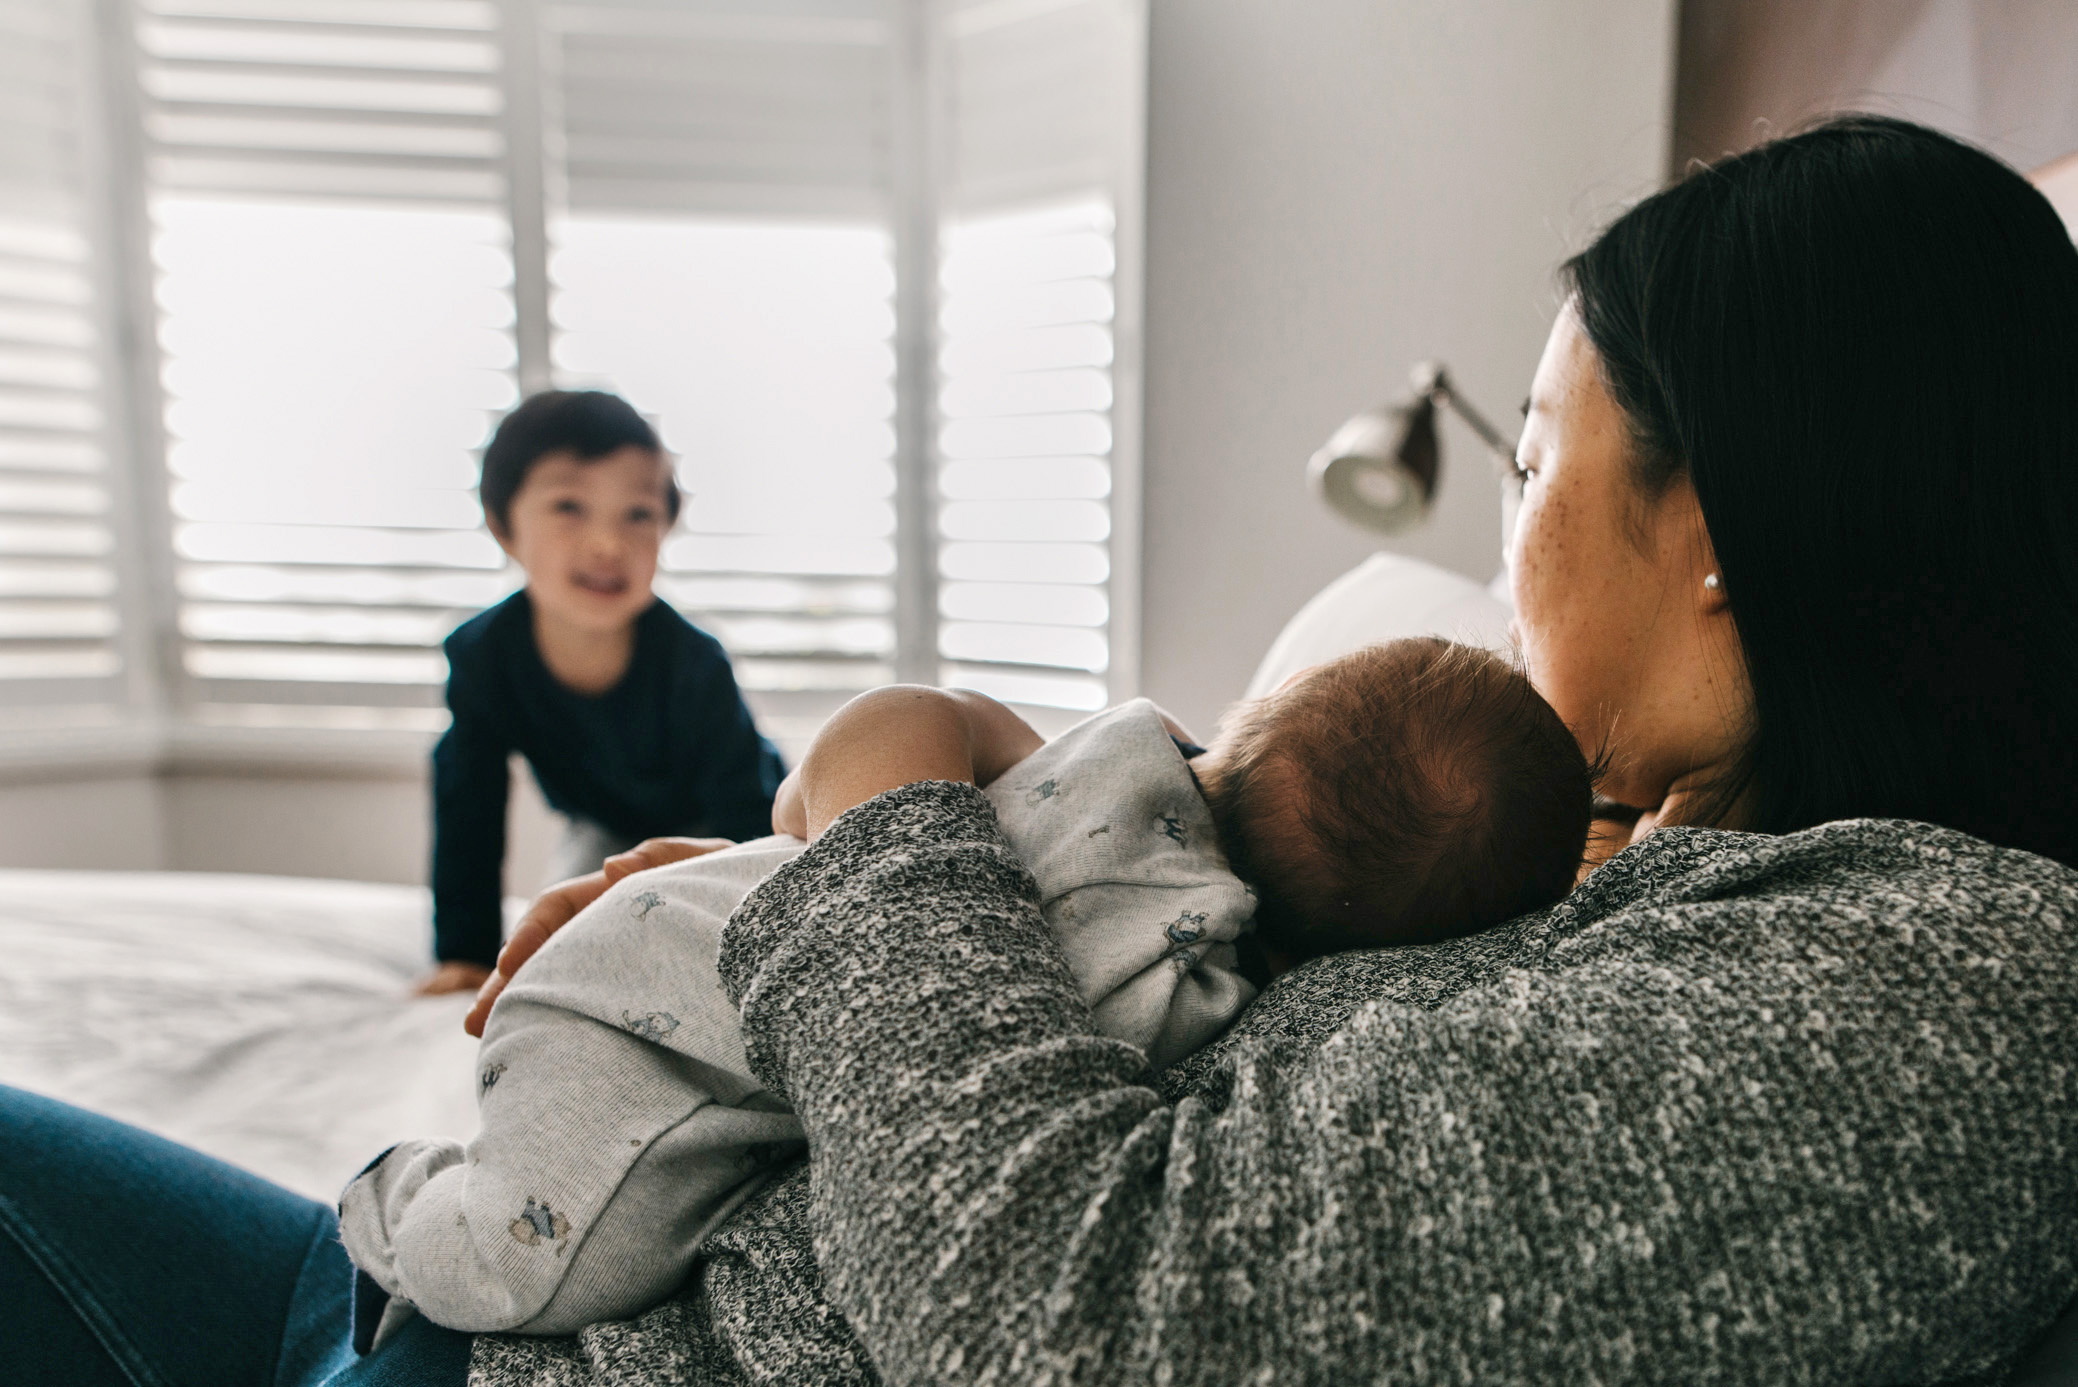 cindycavanagh-maternity-photos-in-sydney (2 of 39).JPG